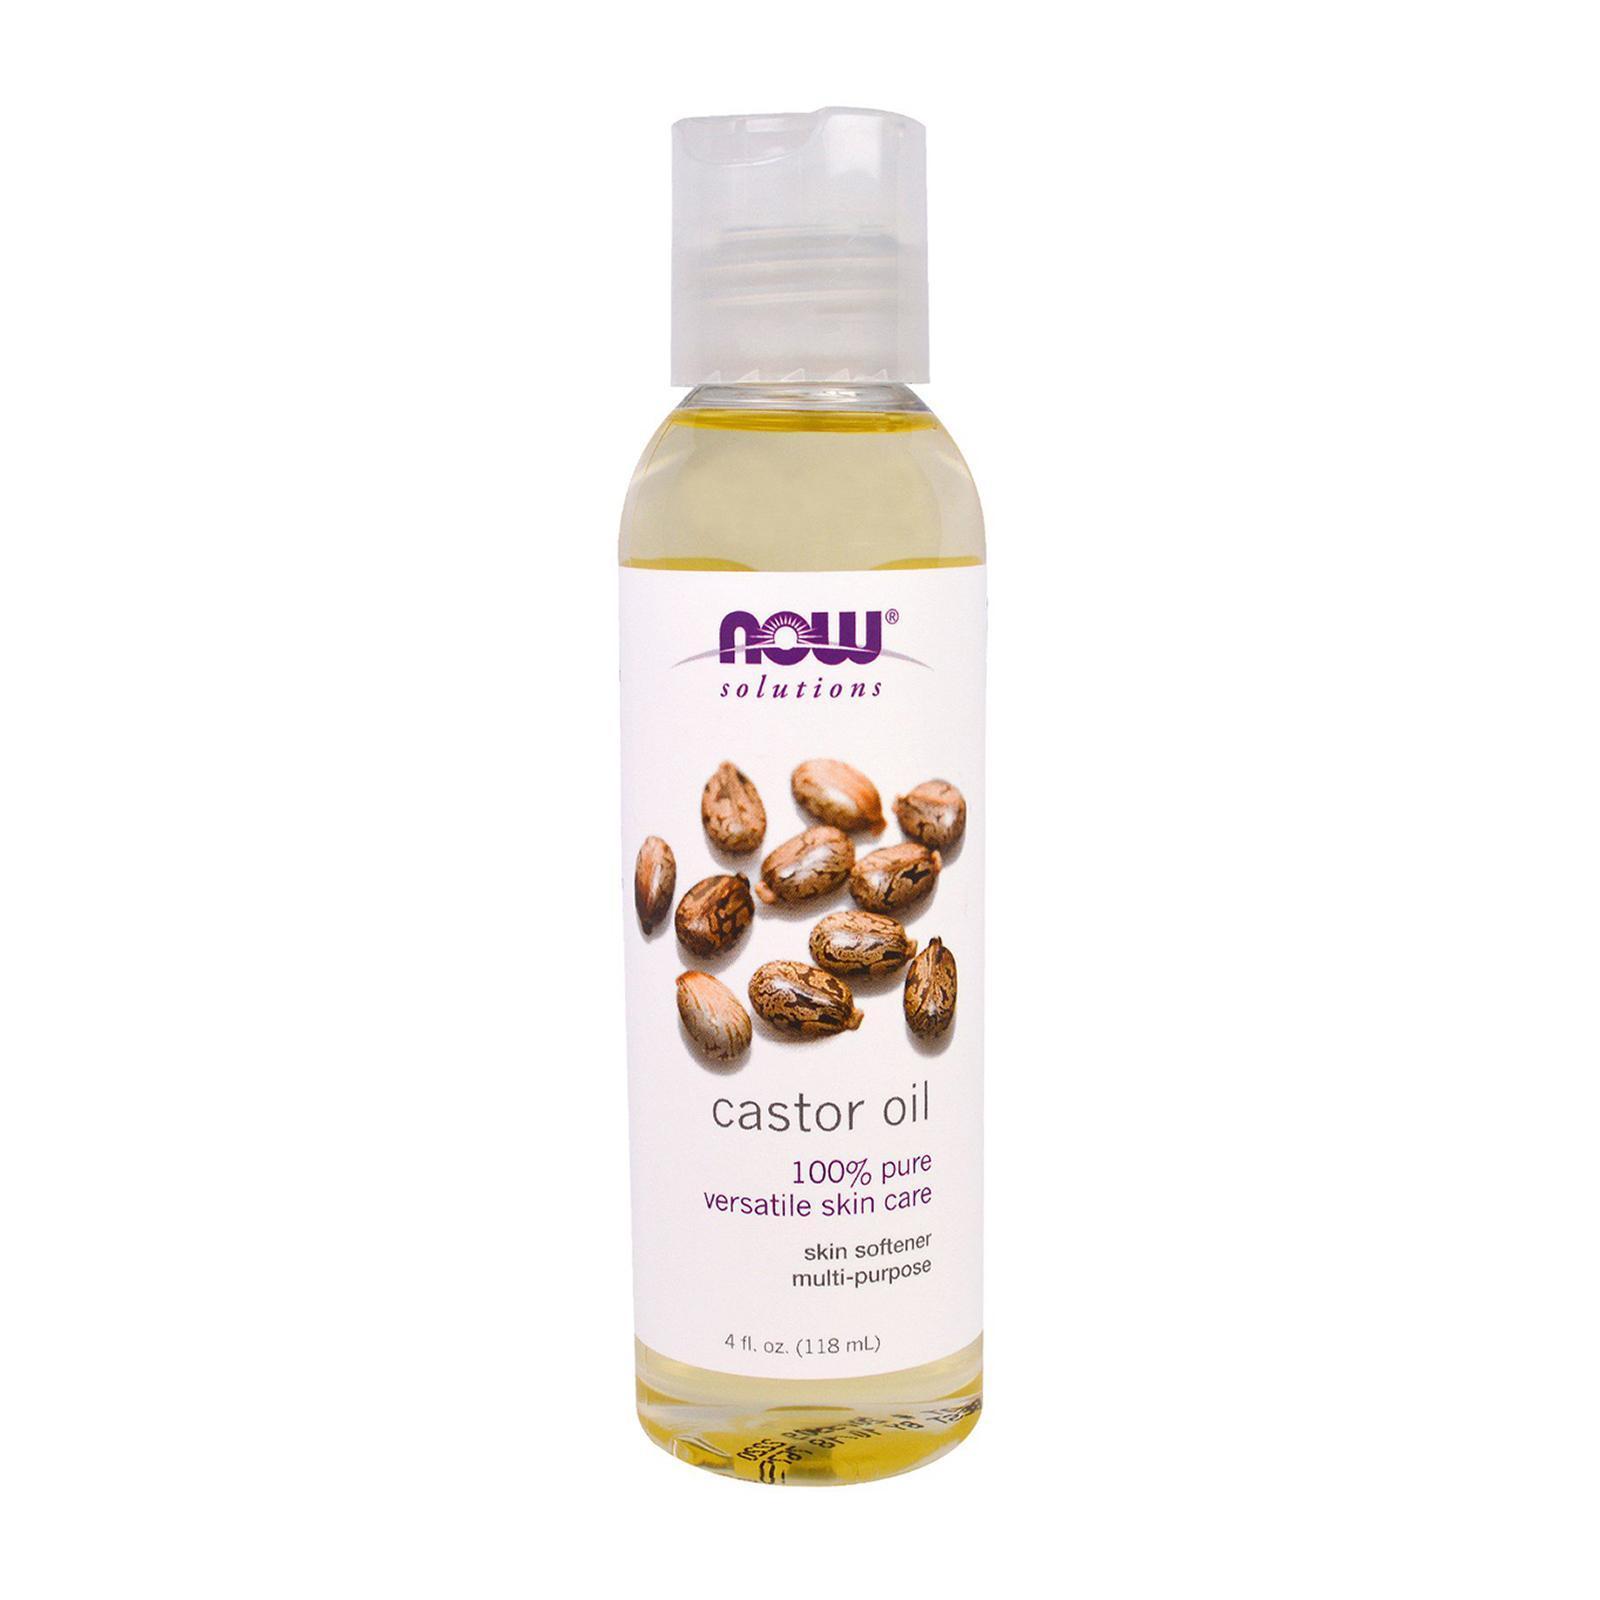 Now Foods Solutions Castor Oil 4 fl oz